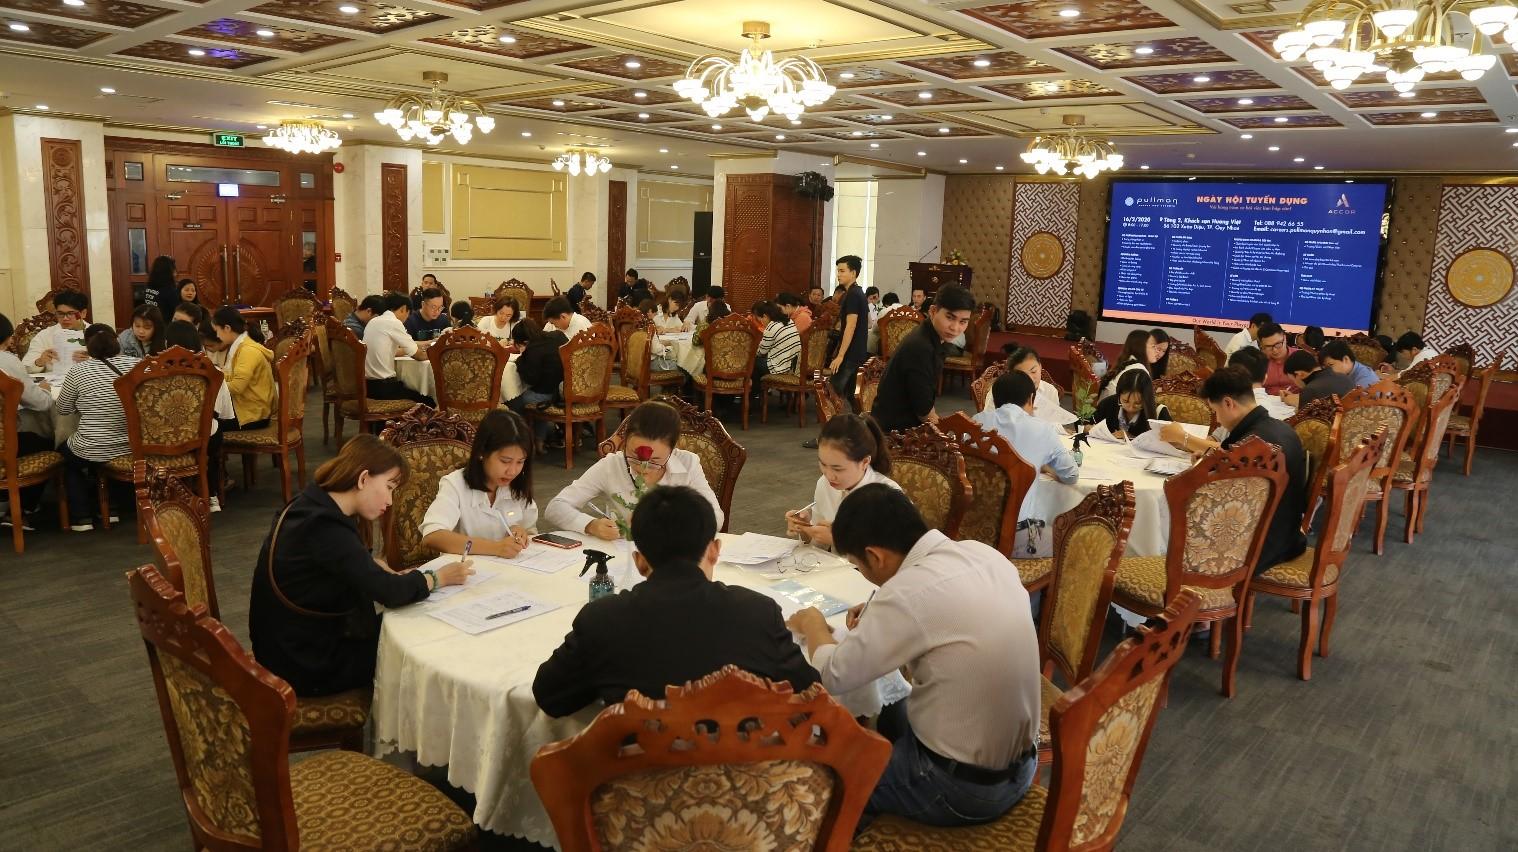 Khách sạn Pullman Quy Nhon chính thức chiêu mộ hàng trăm nhân sự đầu tiên